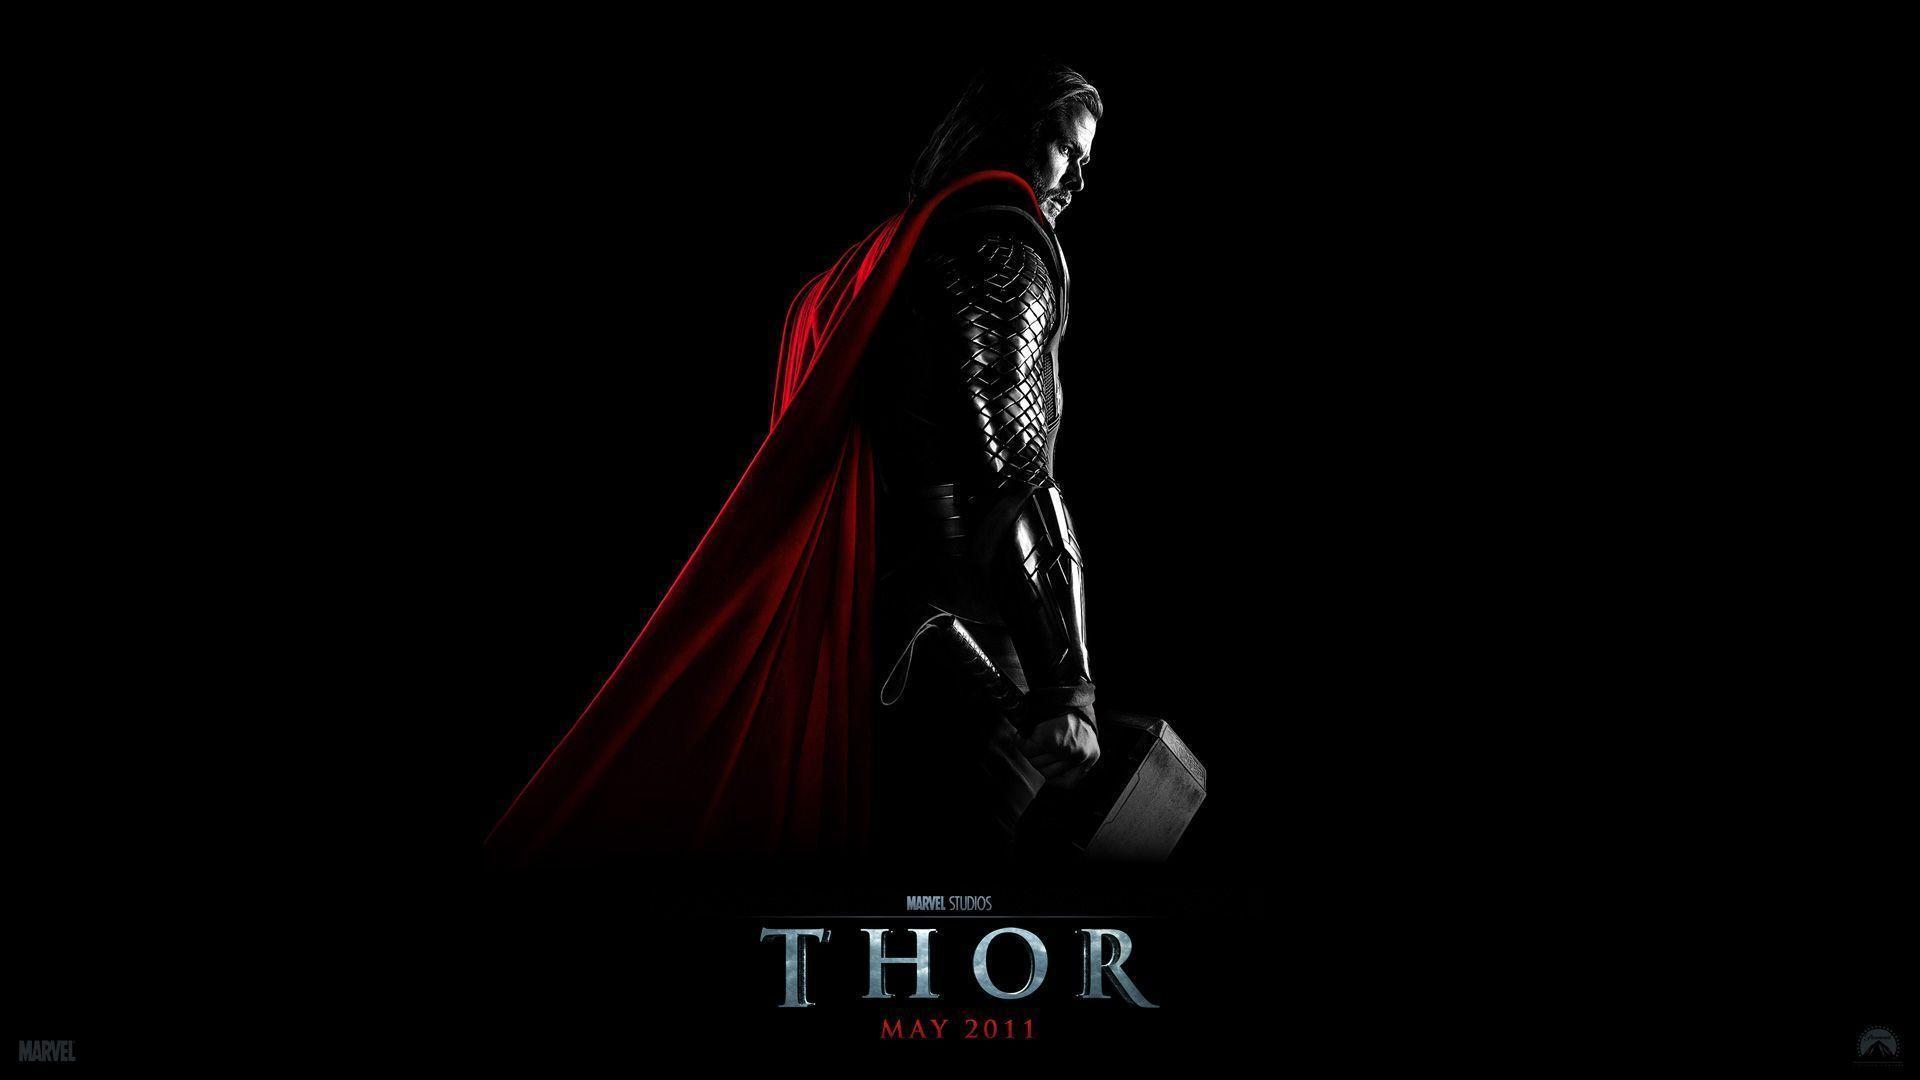 Image - Thor wallpaper.jpg - Twilight Saga Wiki